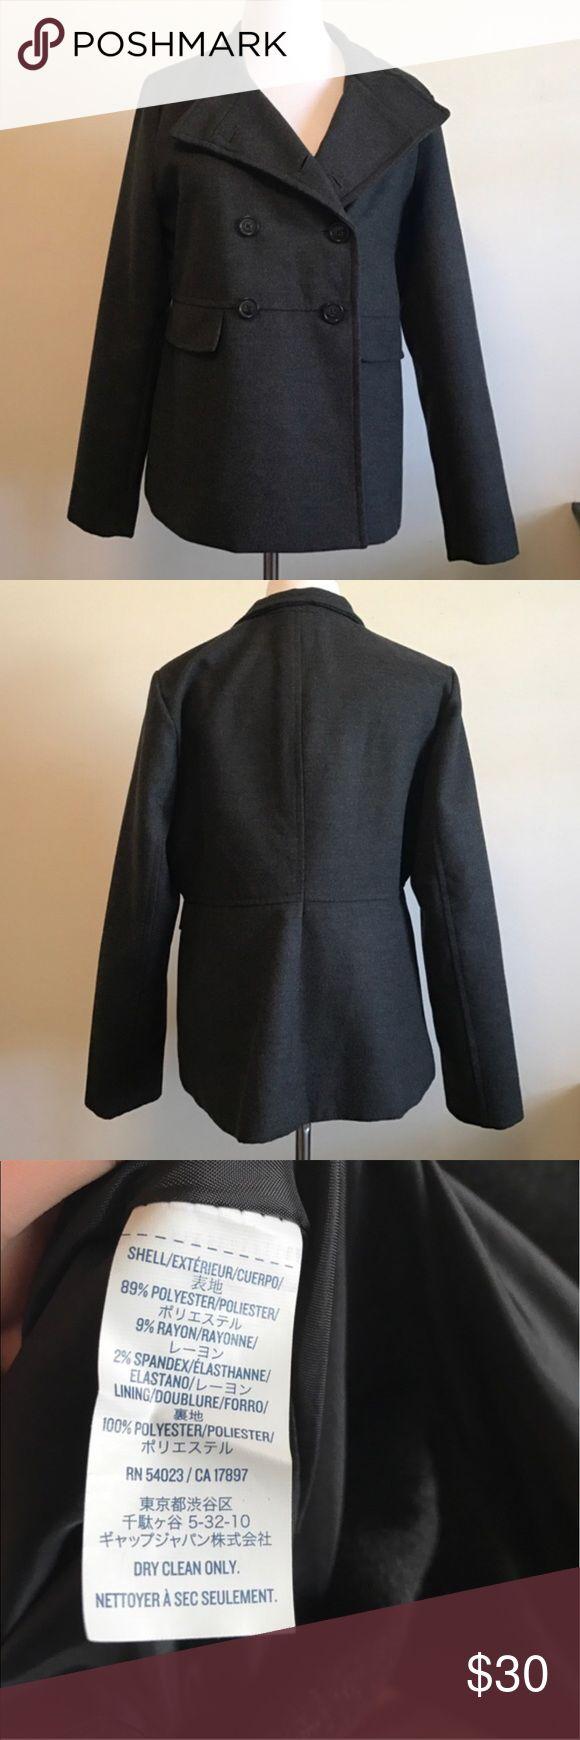 NWOT Old Navy Pea Coat NWOT Old Navy Pea Coat. Old Navy Jackets & Coats Pea Coats